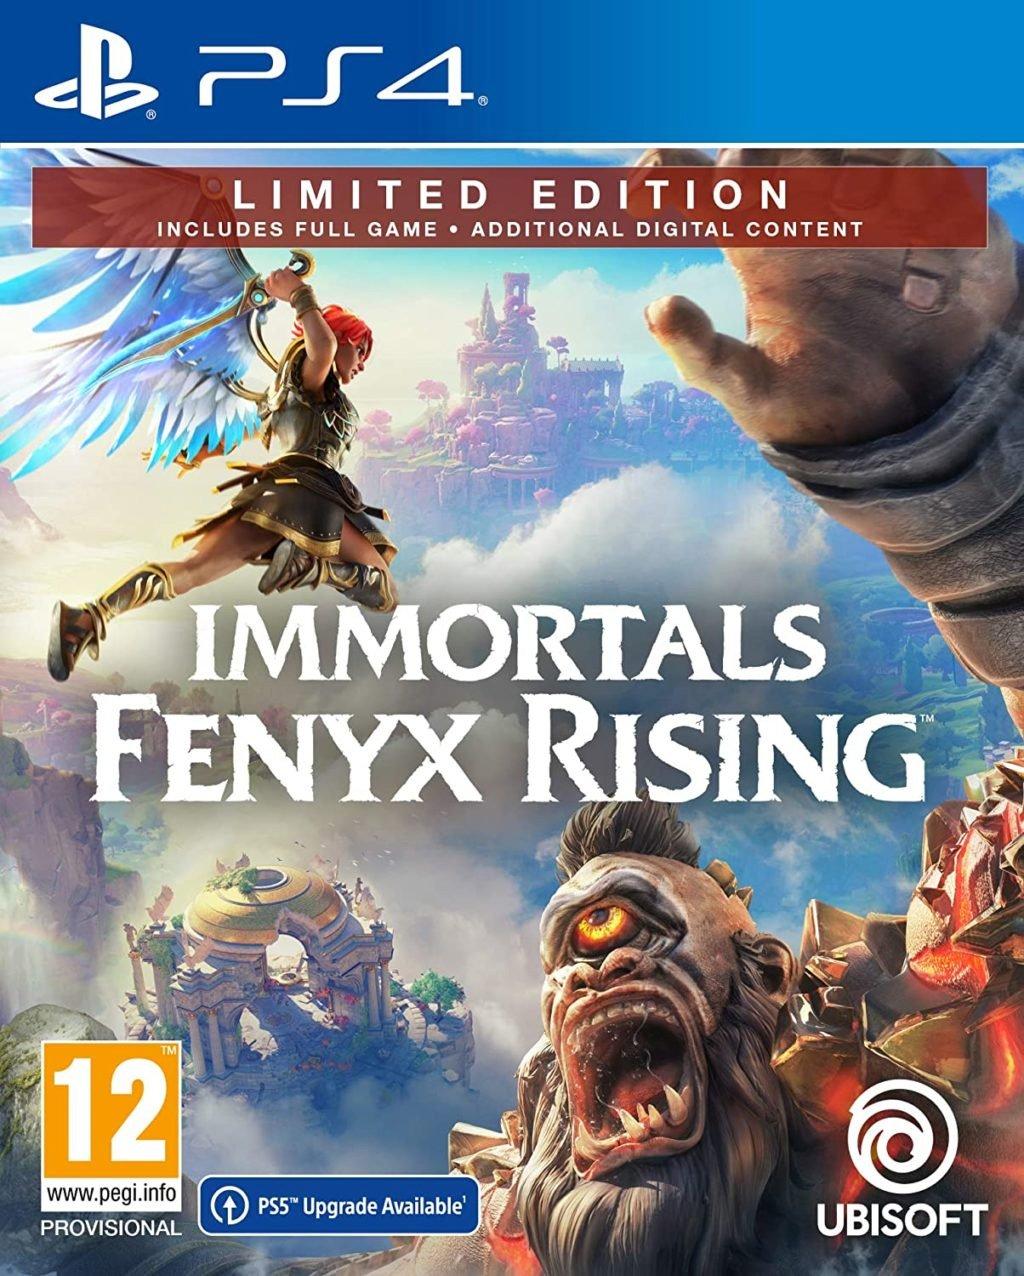 Mise à niveau PS5 disponible sur le coffret Immortals Fenyx Rising